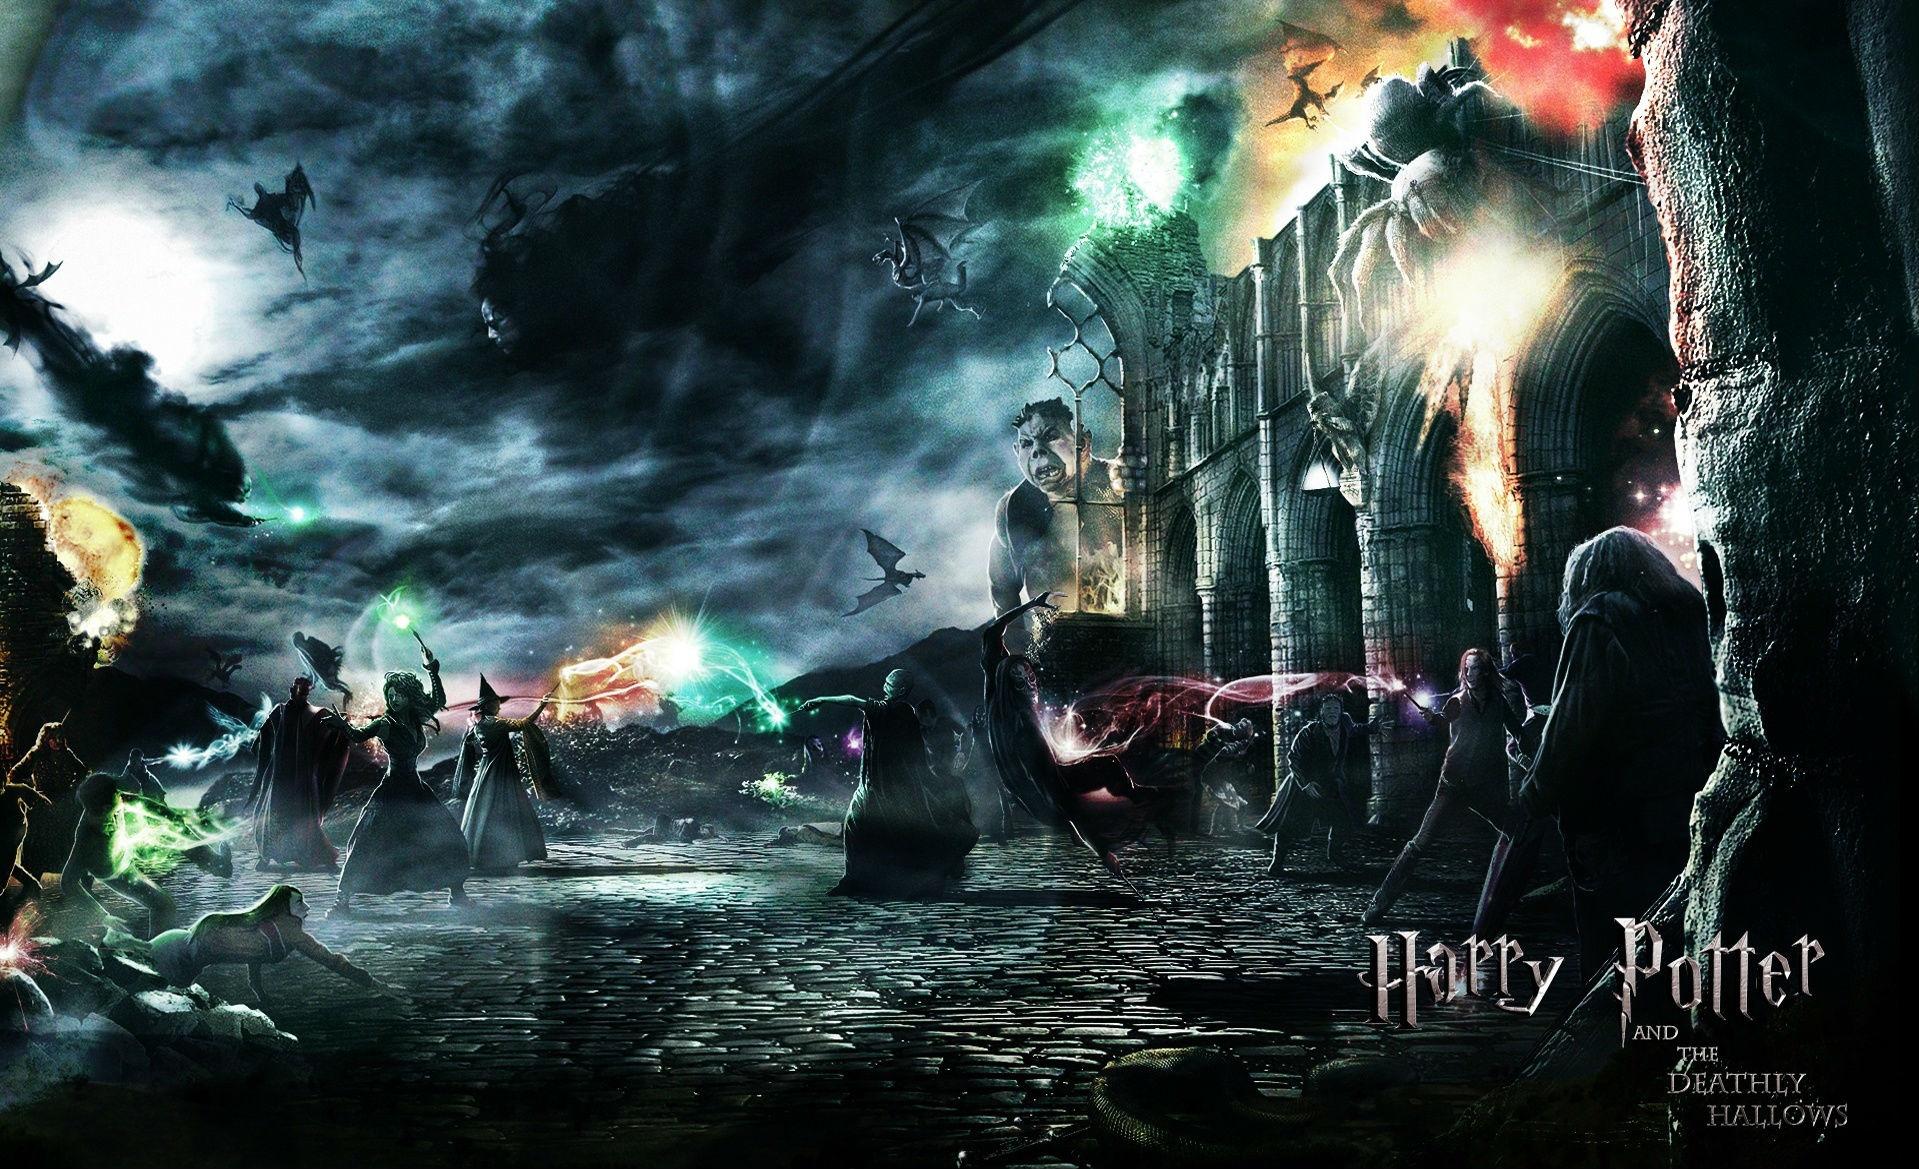 Fondos De Harry Potter Y Las Reliquias De La Muerte Wallpapers Gratis